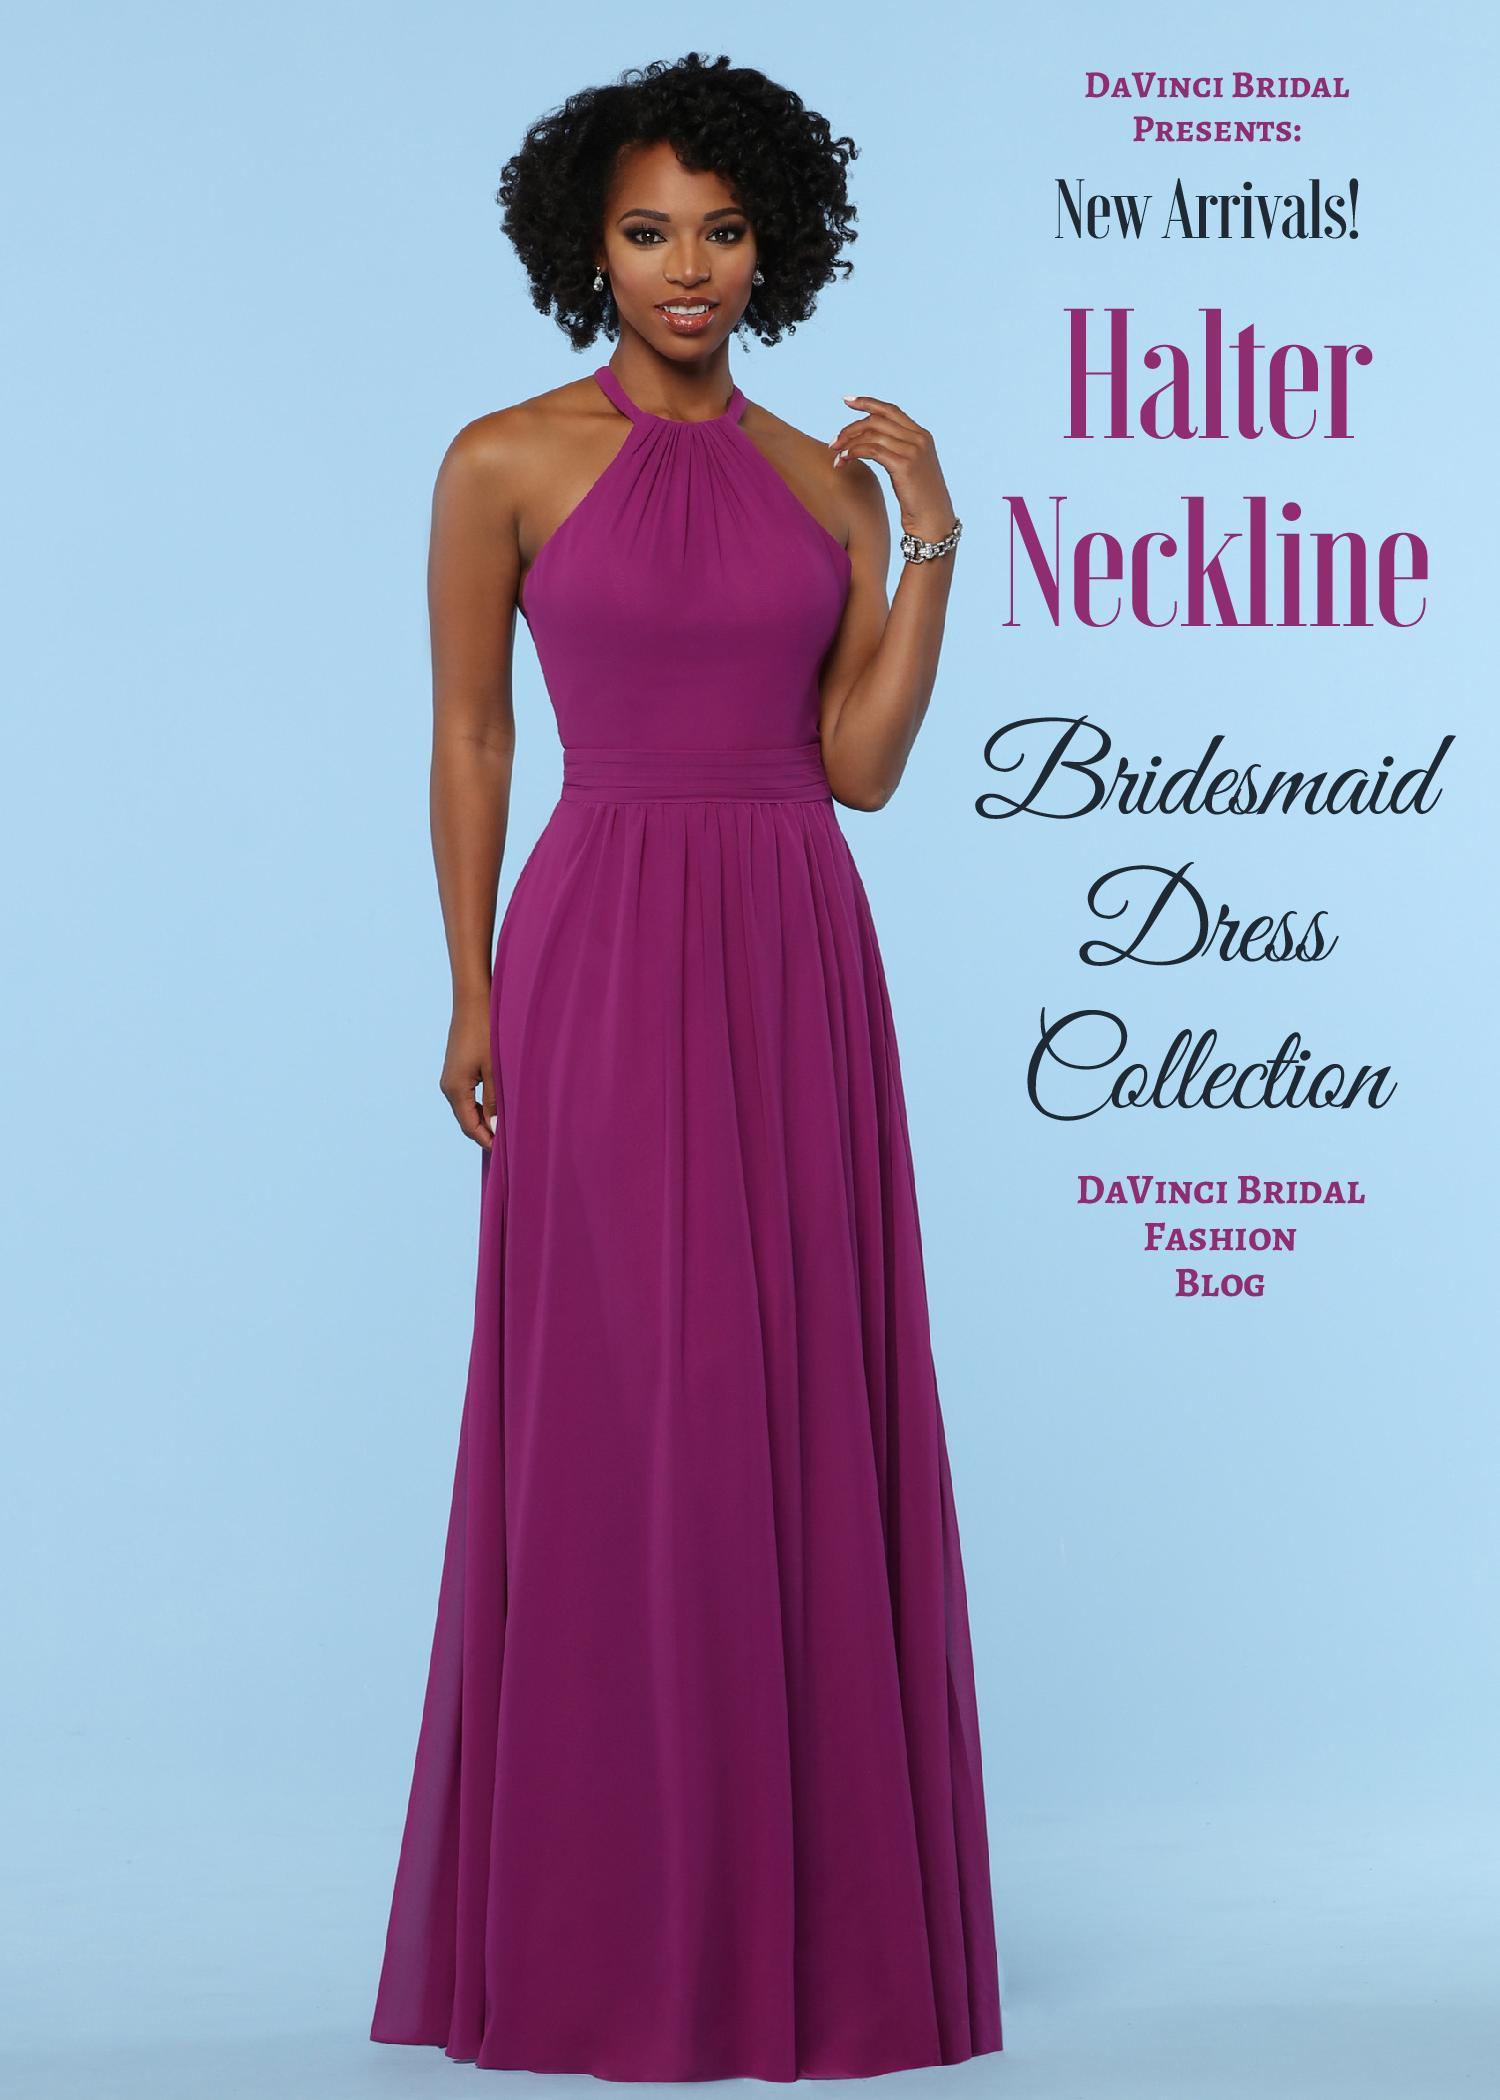 685a06a2b64 Halter Bridesmaid Dresses 2019 New Arrivals – DaVinci Bridal Blog